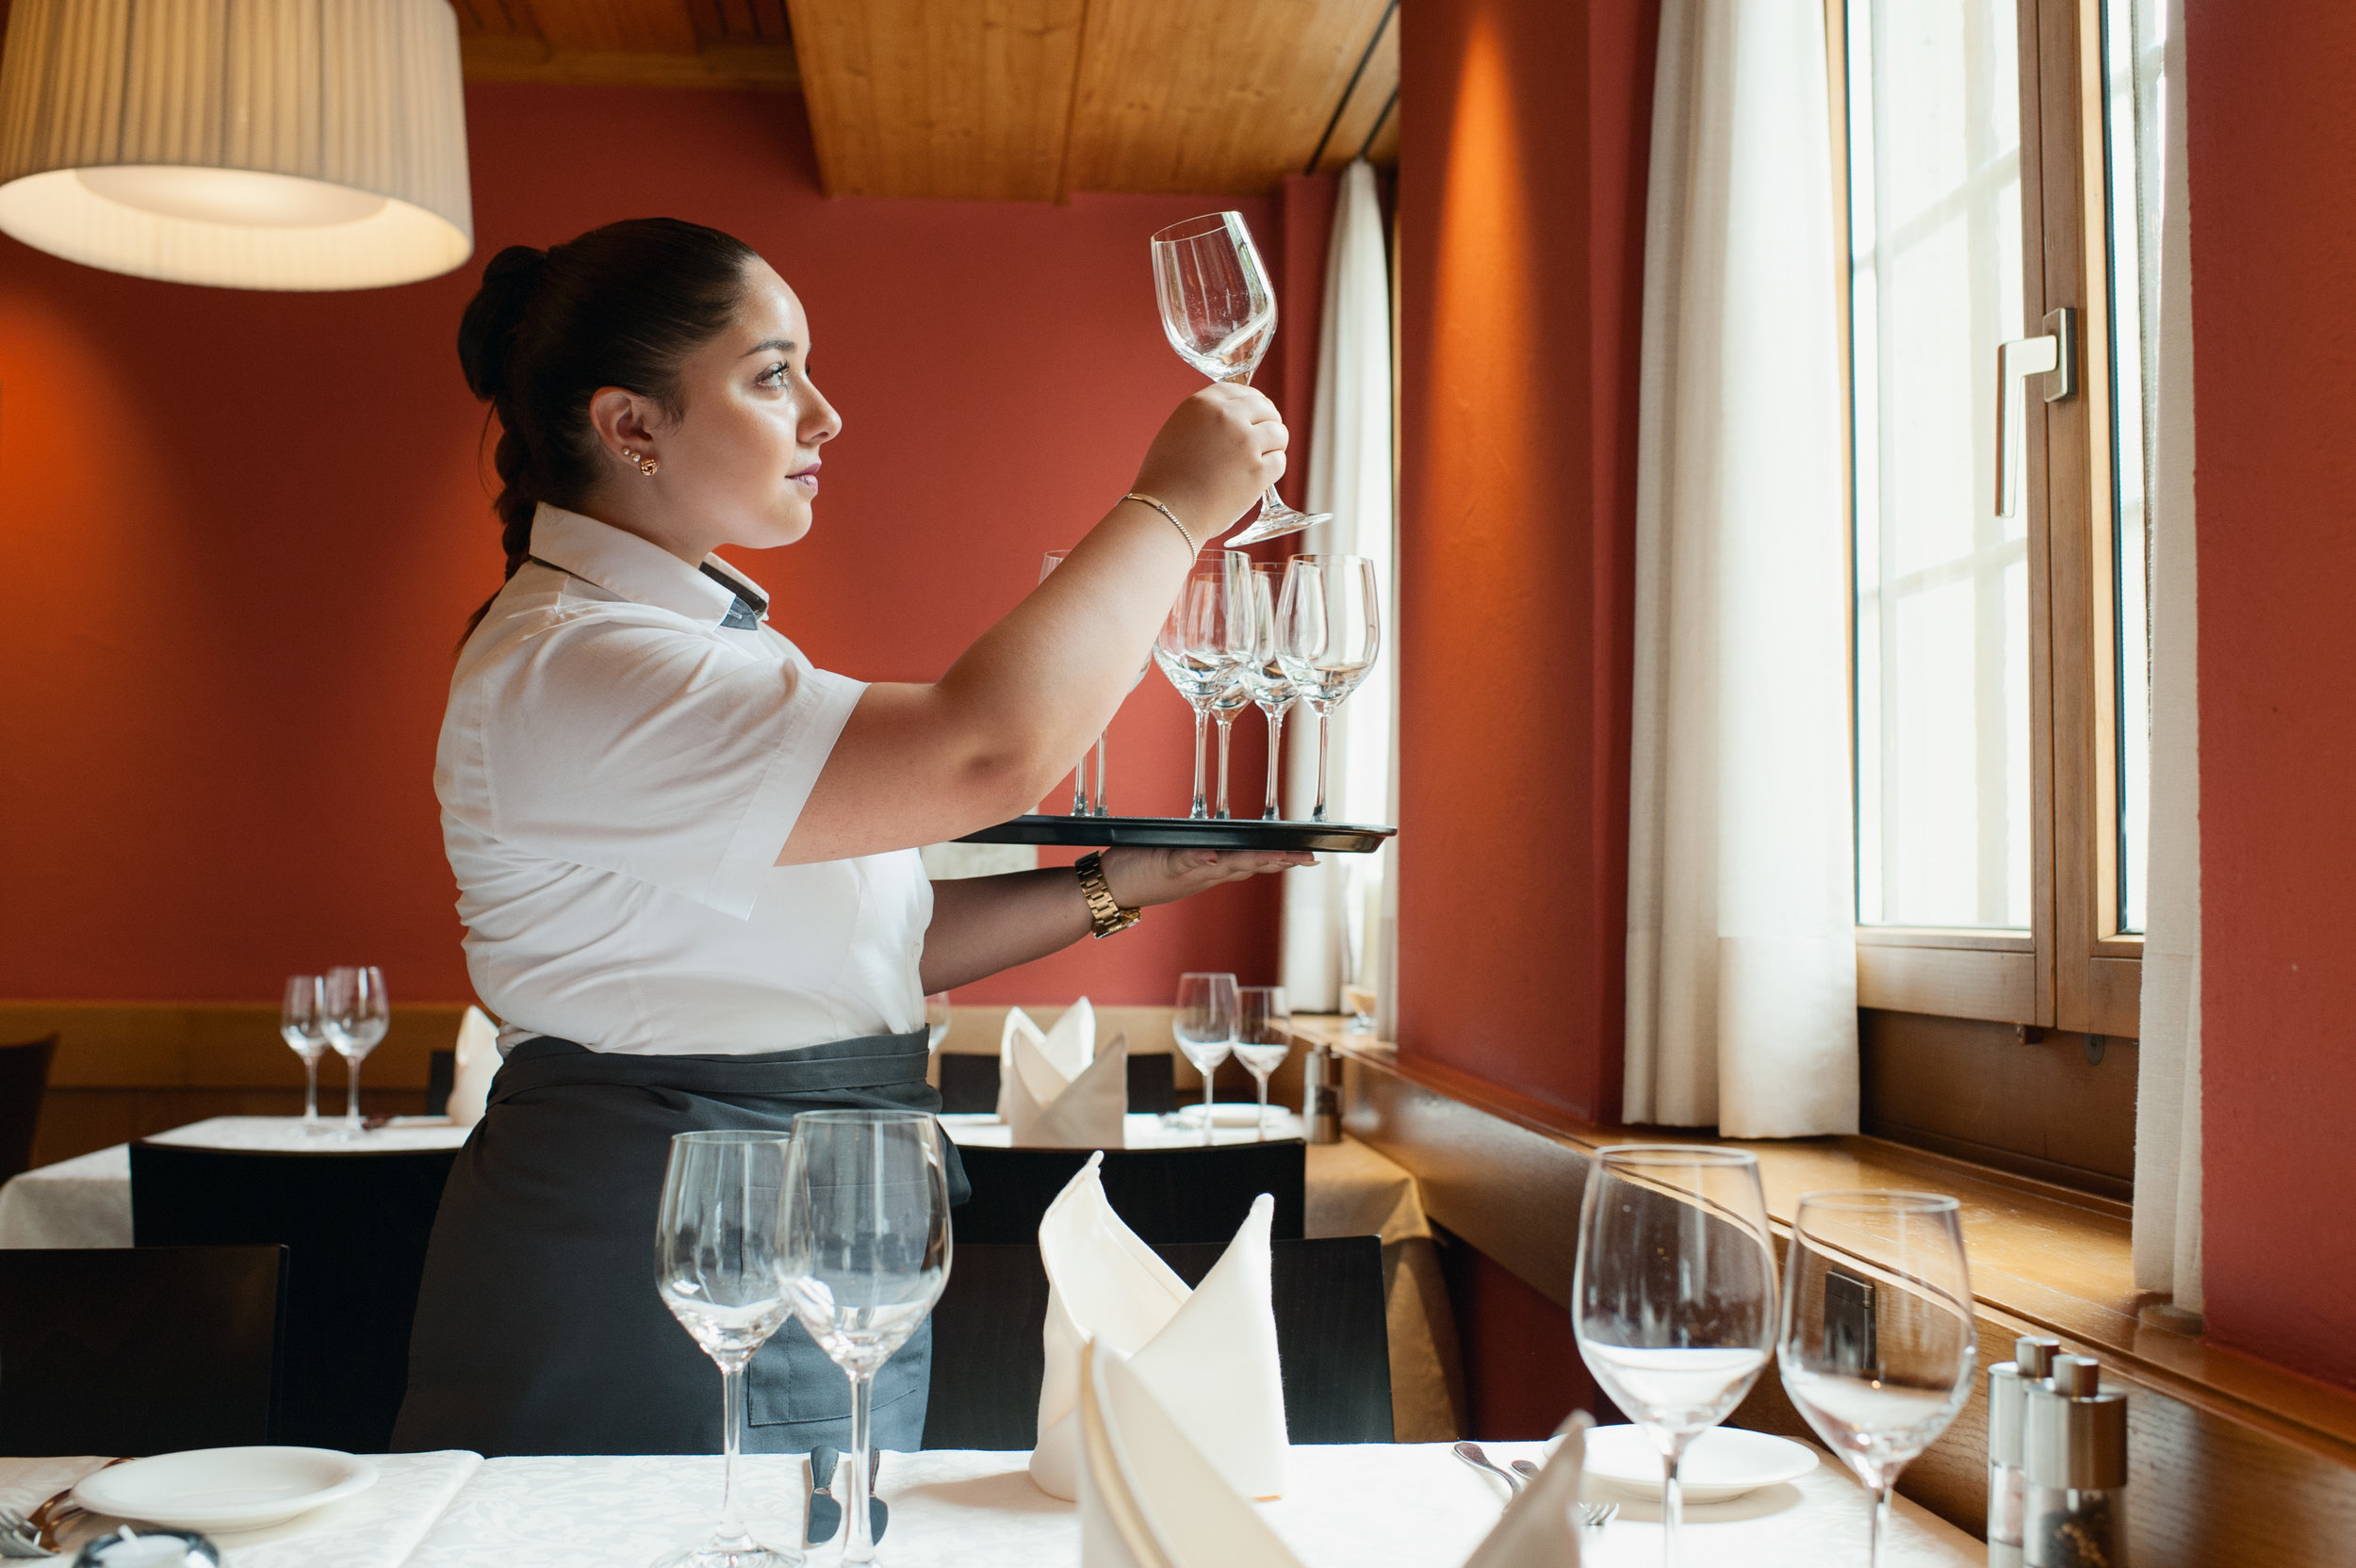 Arianna Pasquerilla, Lernende im 2. Lehrjahr, am Montag (23.07.18) im Restaurant Rössli in Brüttisellen. Foto: Christine Bärlocher